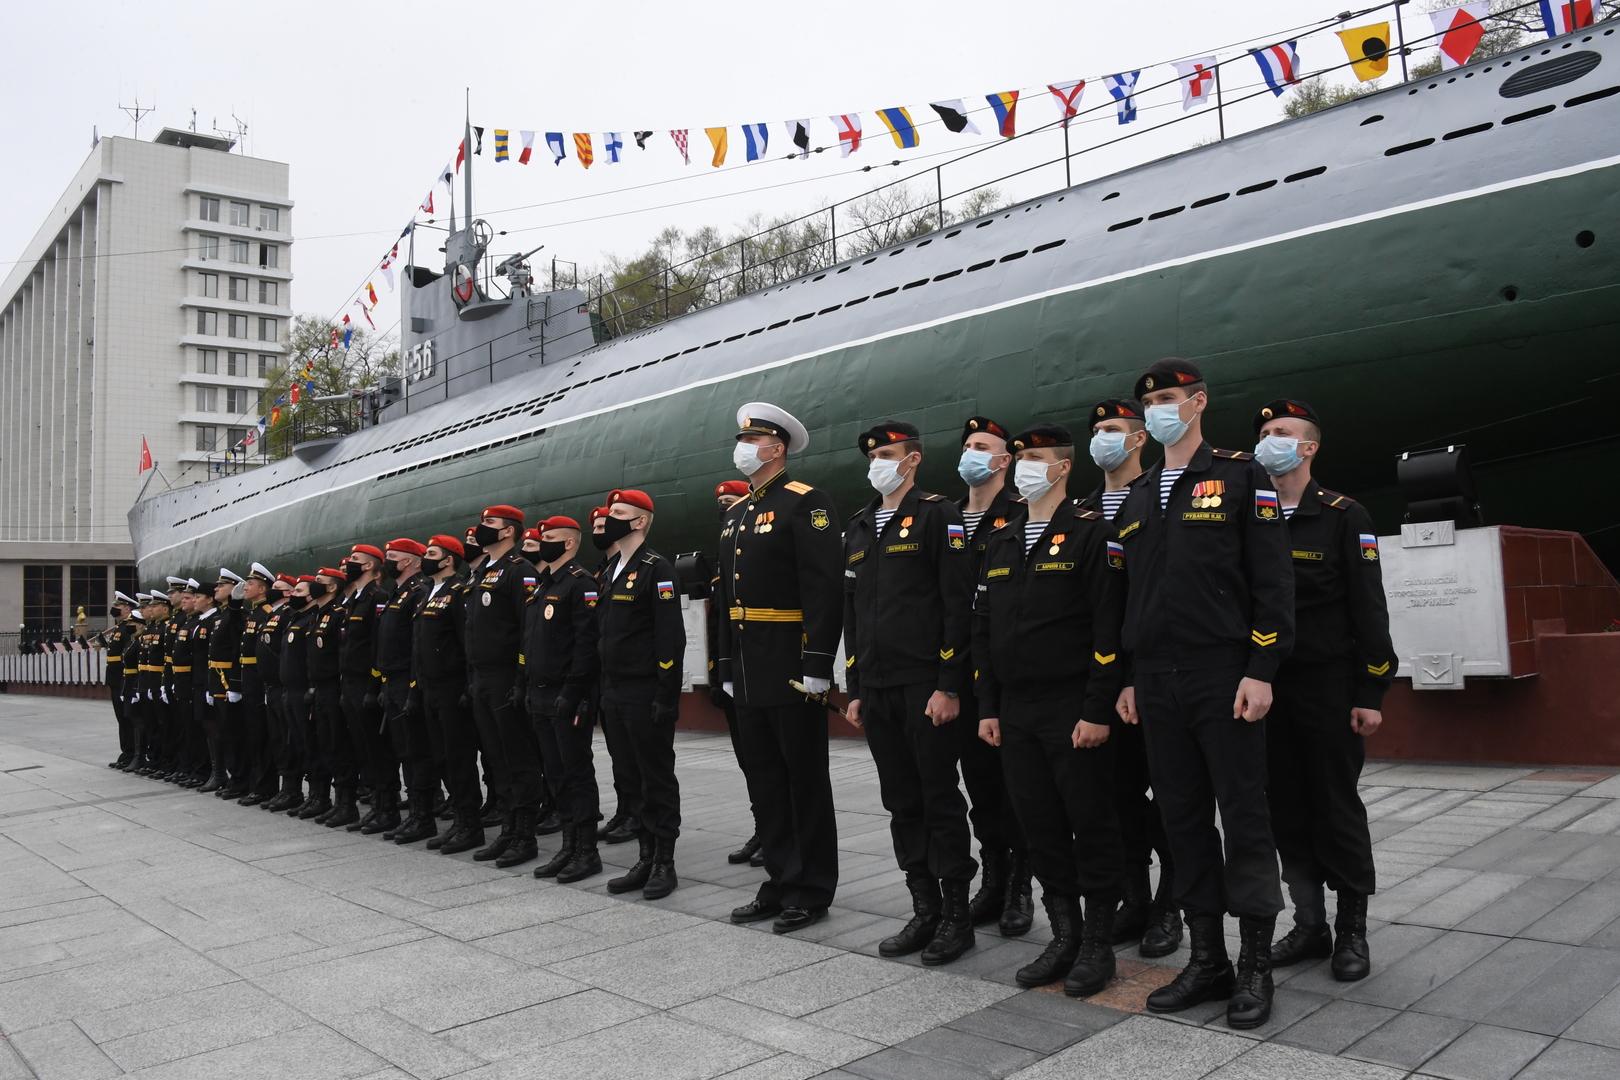 Feierlichkeiten am Tag des Sieges in Wladiwostok